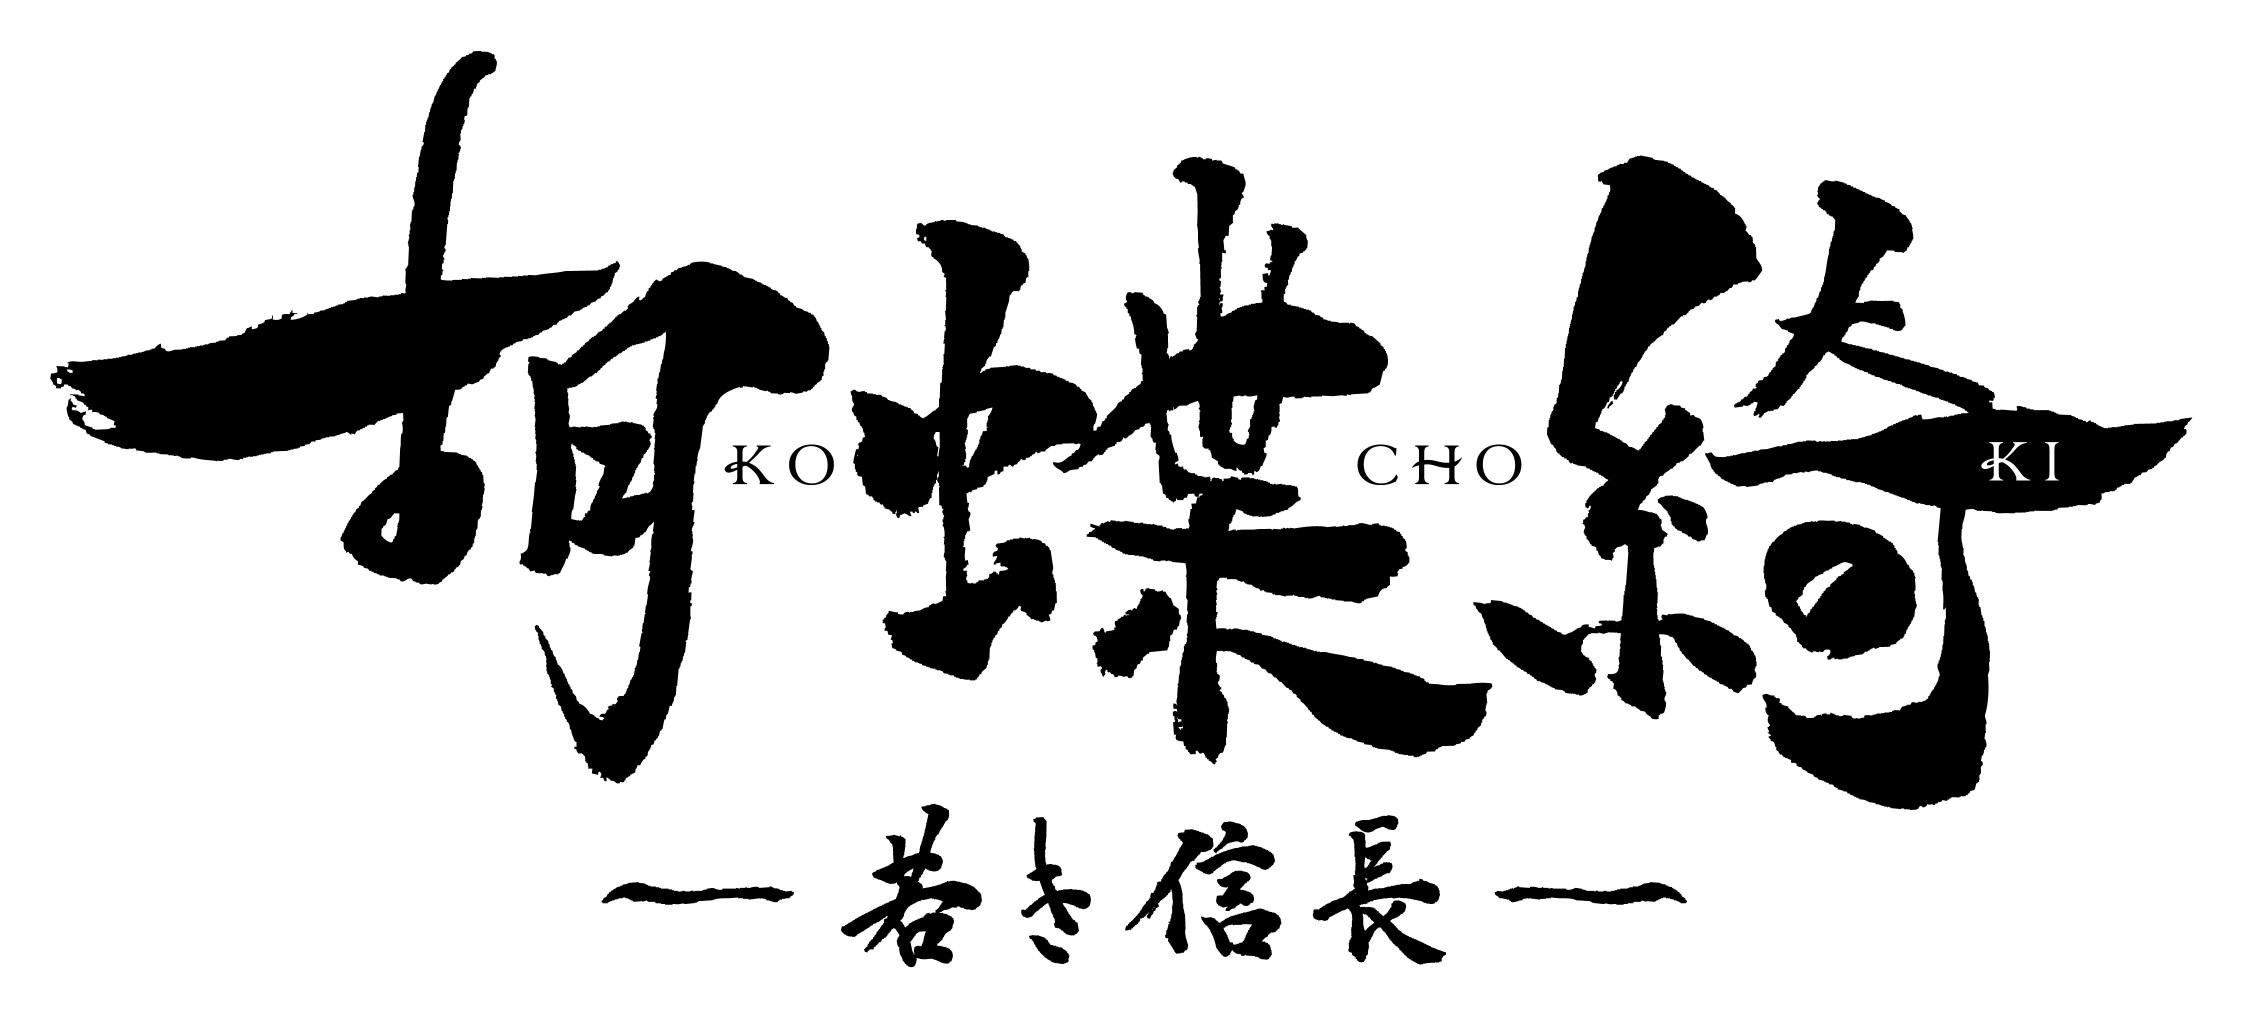 (C)揚羽母衣衆/胡蝶綺製作委員会